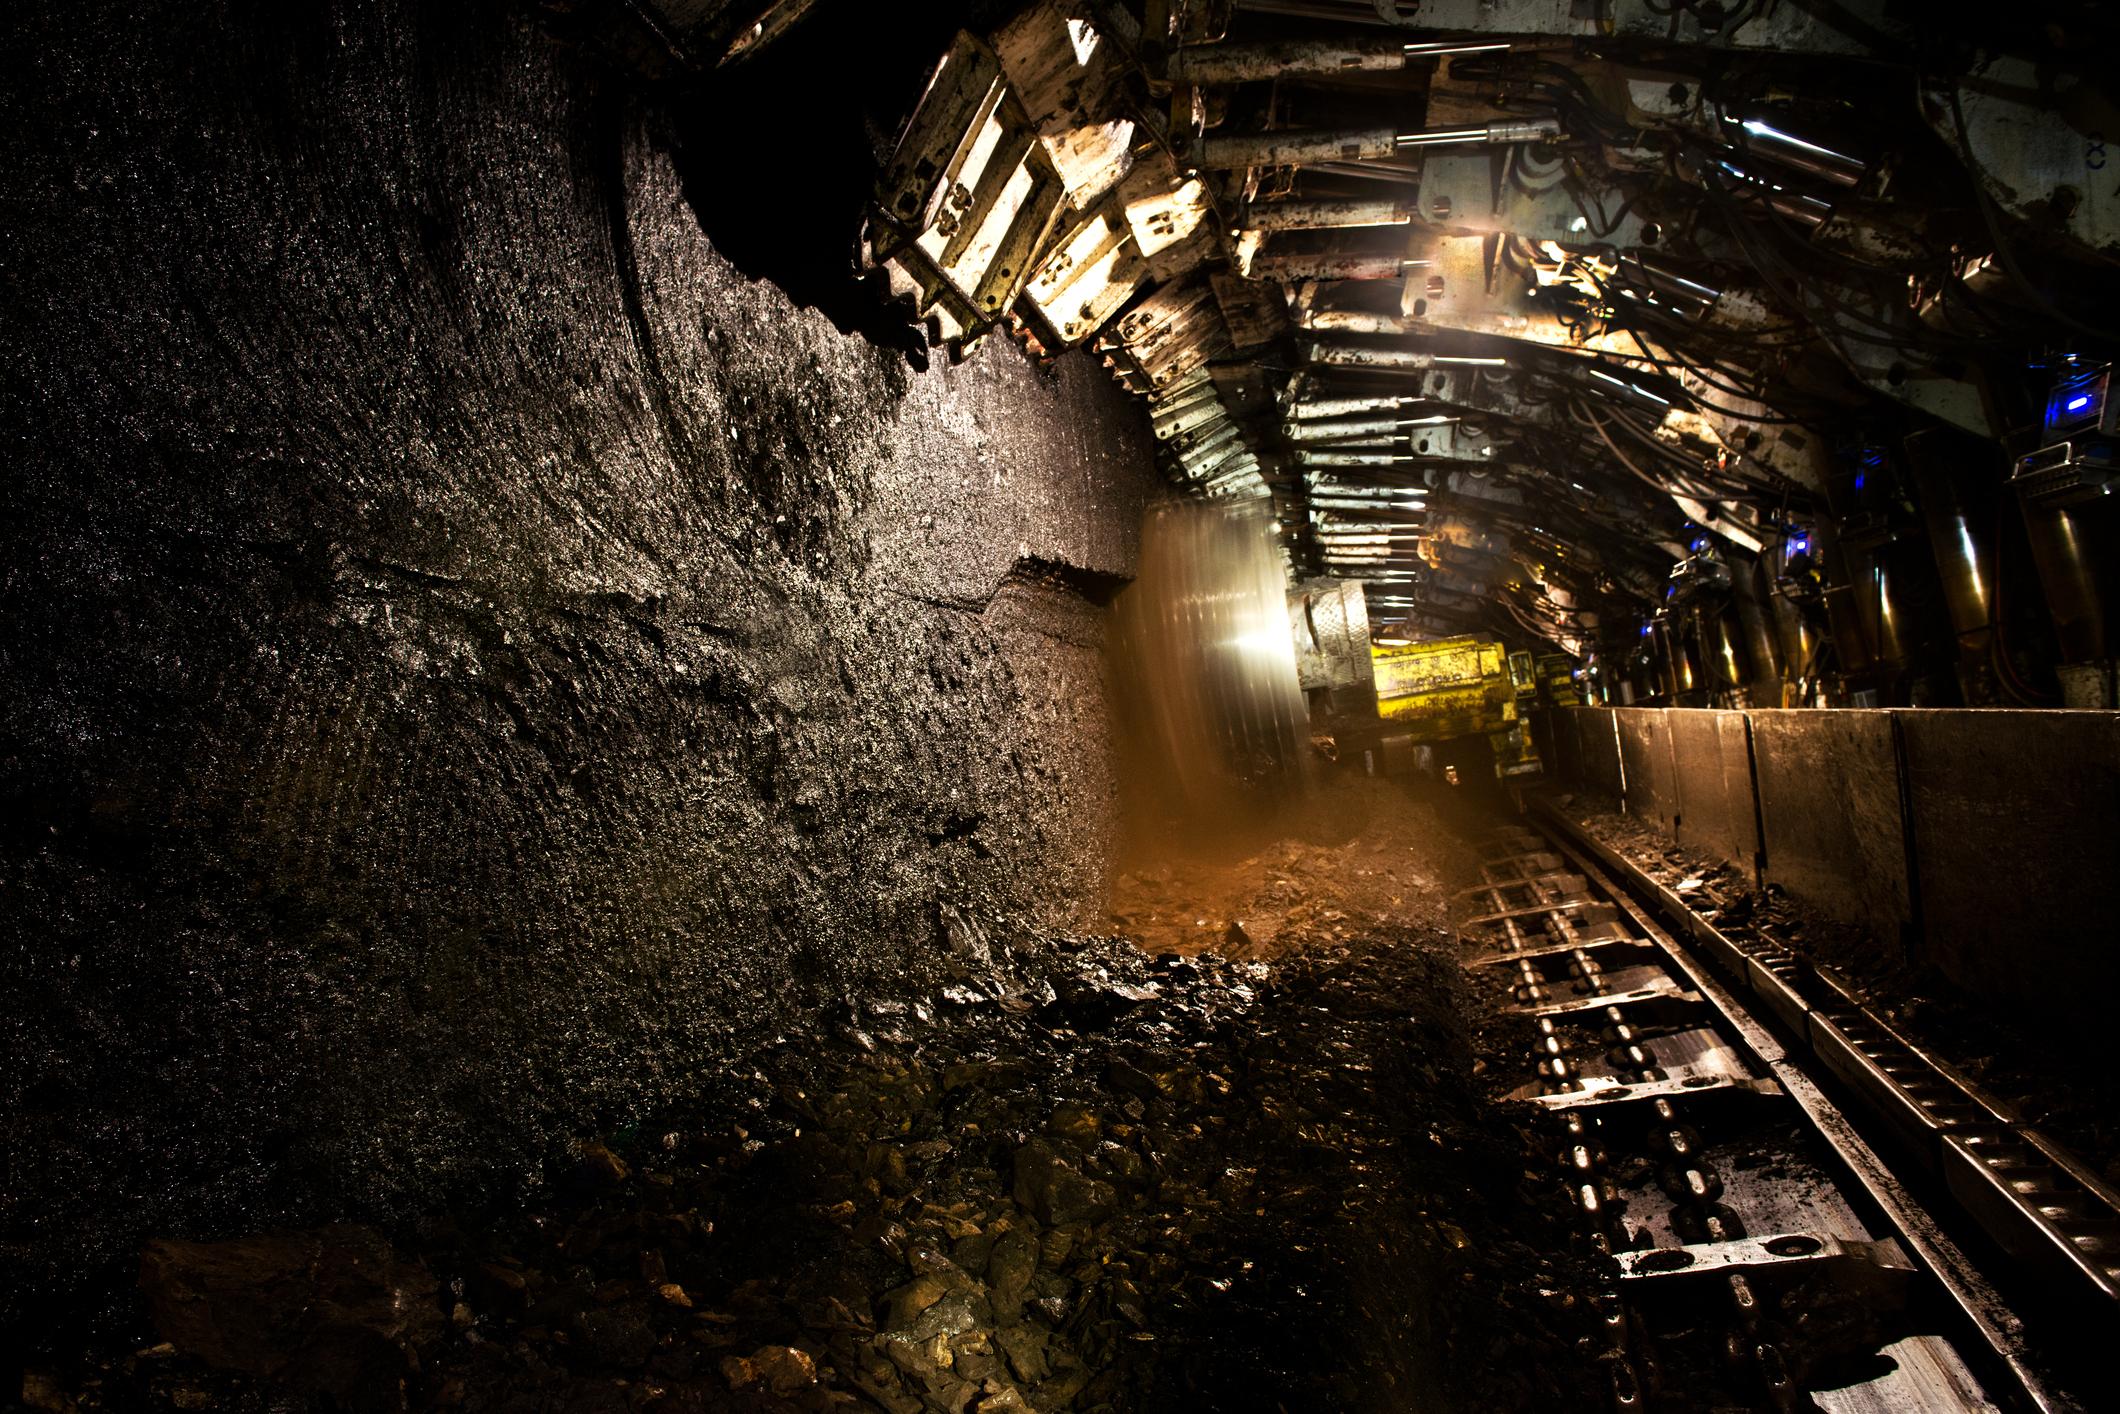 будущих фото шахта уголь арт